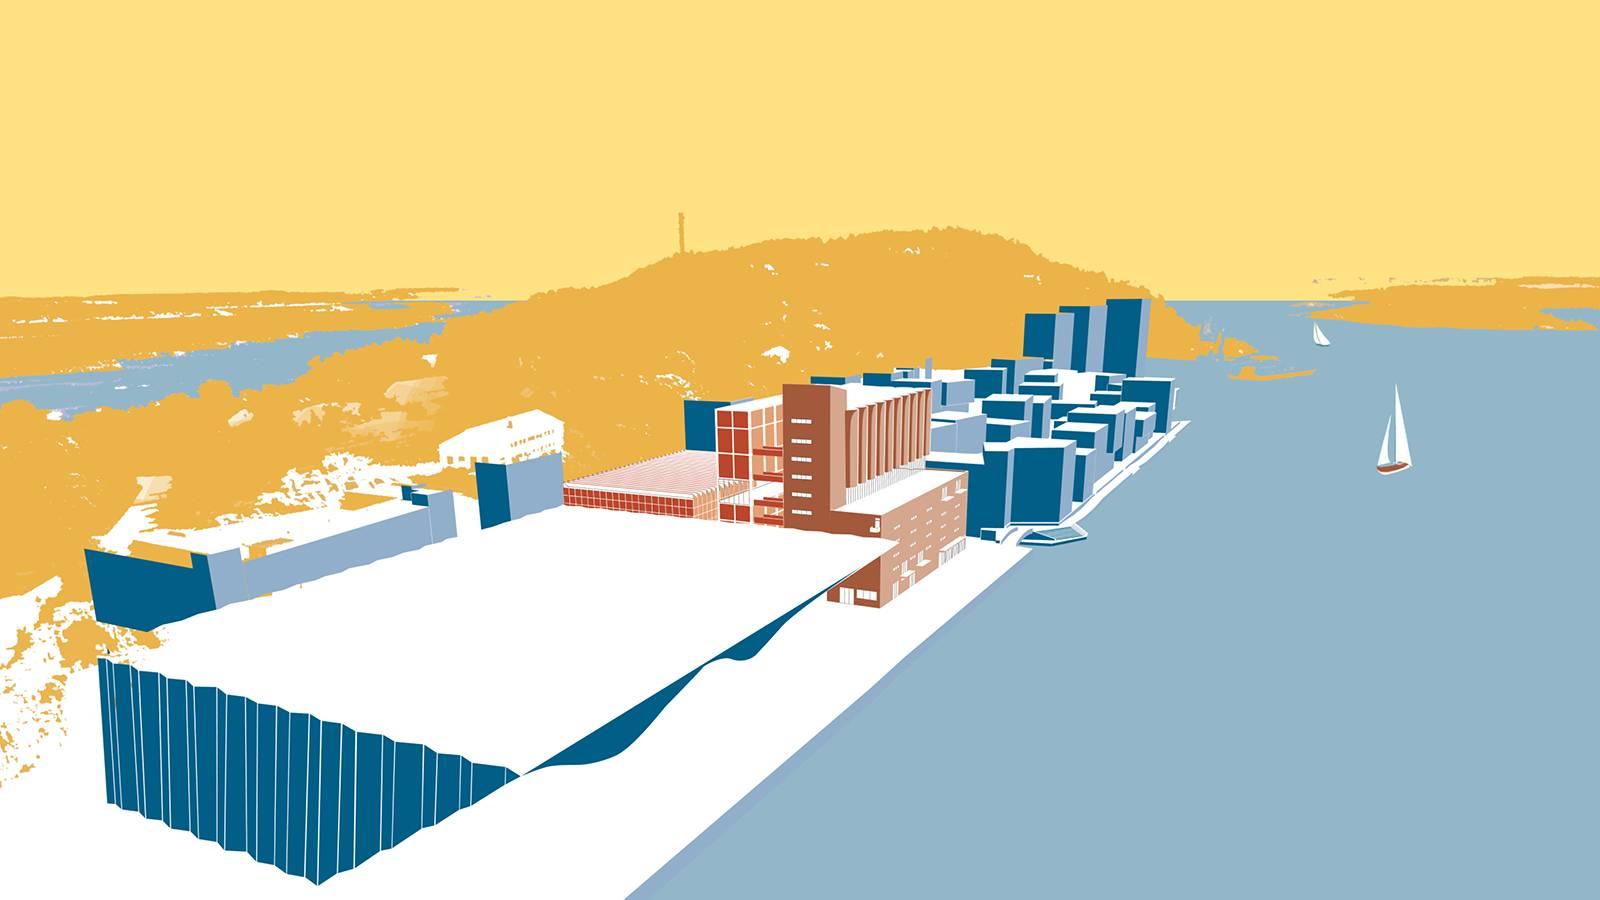 WATERFRONT ALONG PENINSULA - Kunstsilo - SPOL Architects